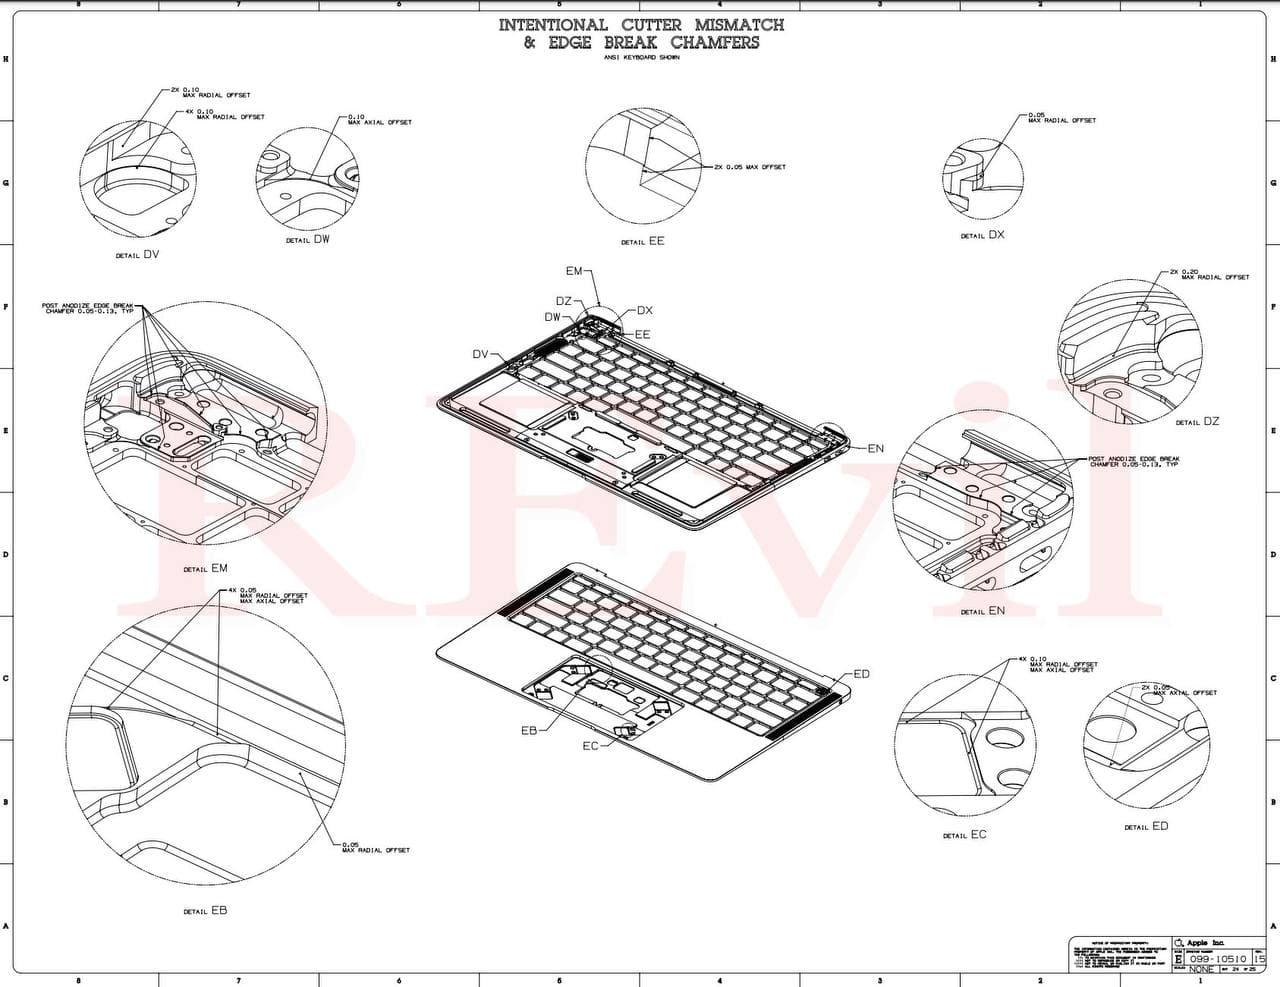 駭客公開2021 MacBook Pro設計圖,揭露新款外觀設計2